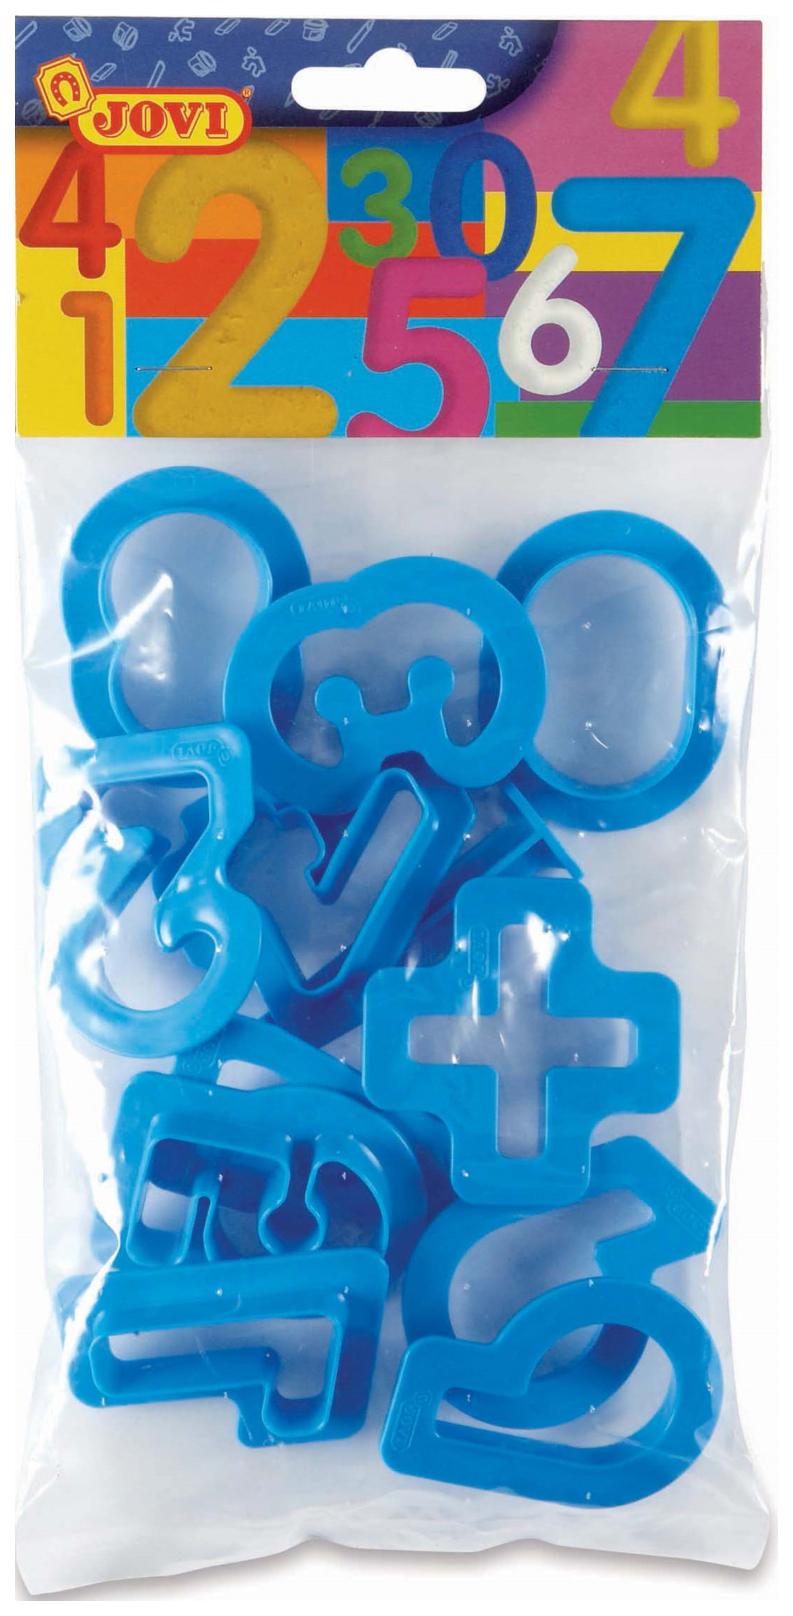 JOVI Набор пластиковых формочек для лепки (12 форм) 7N